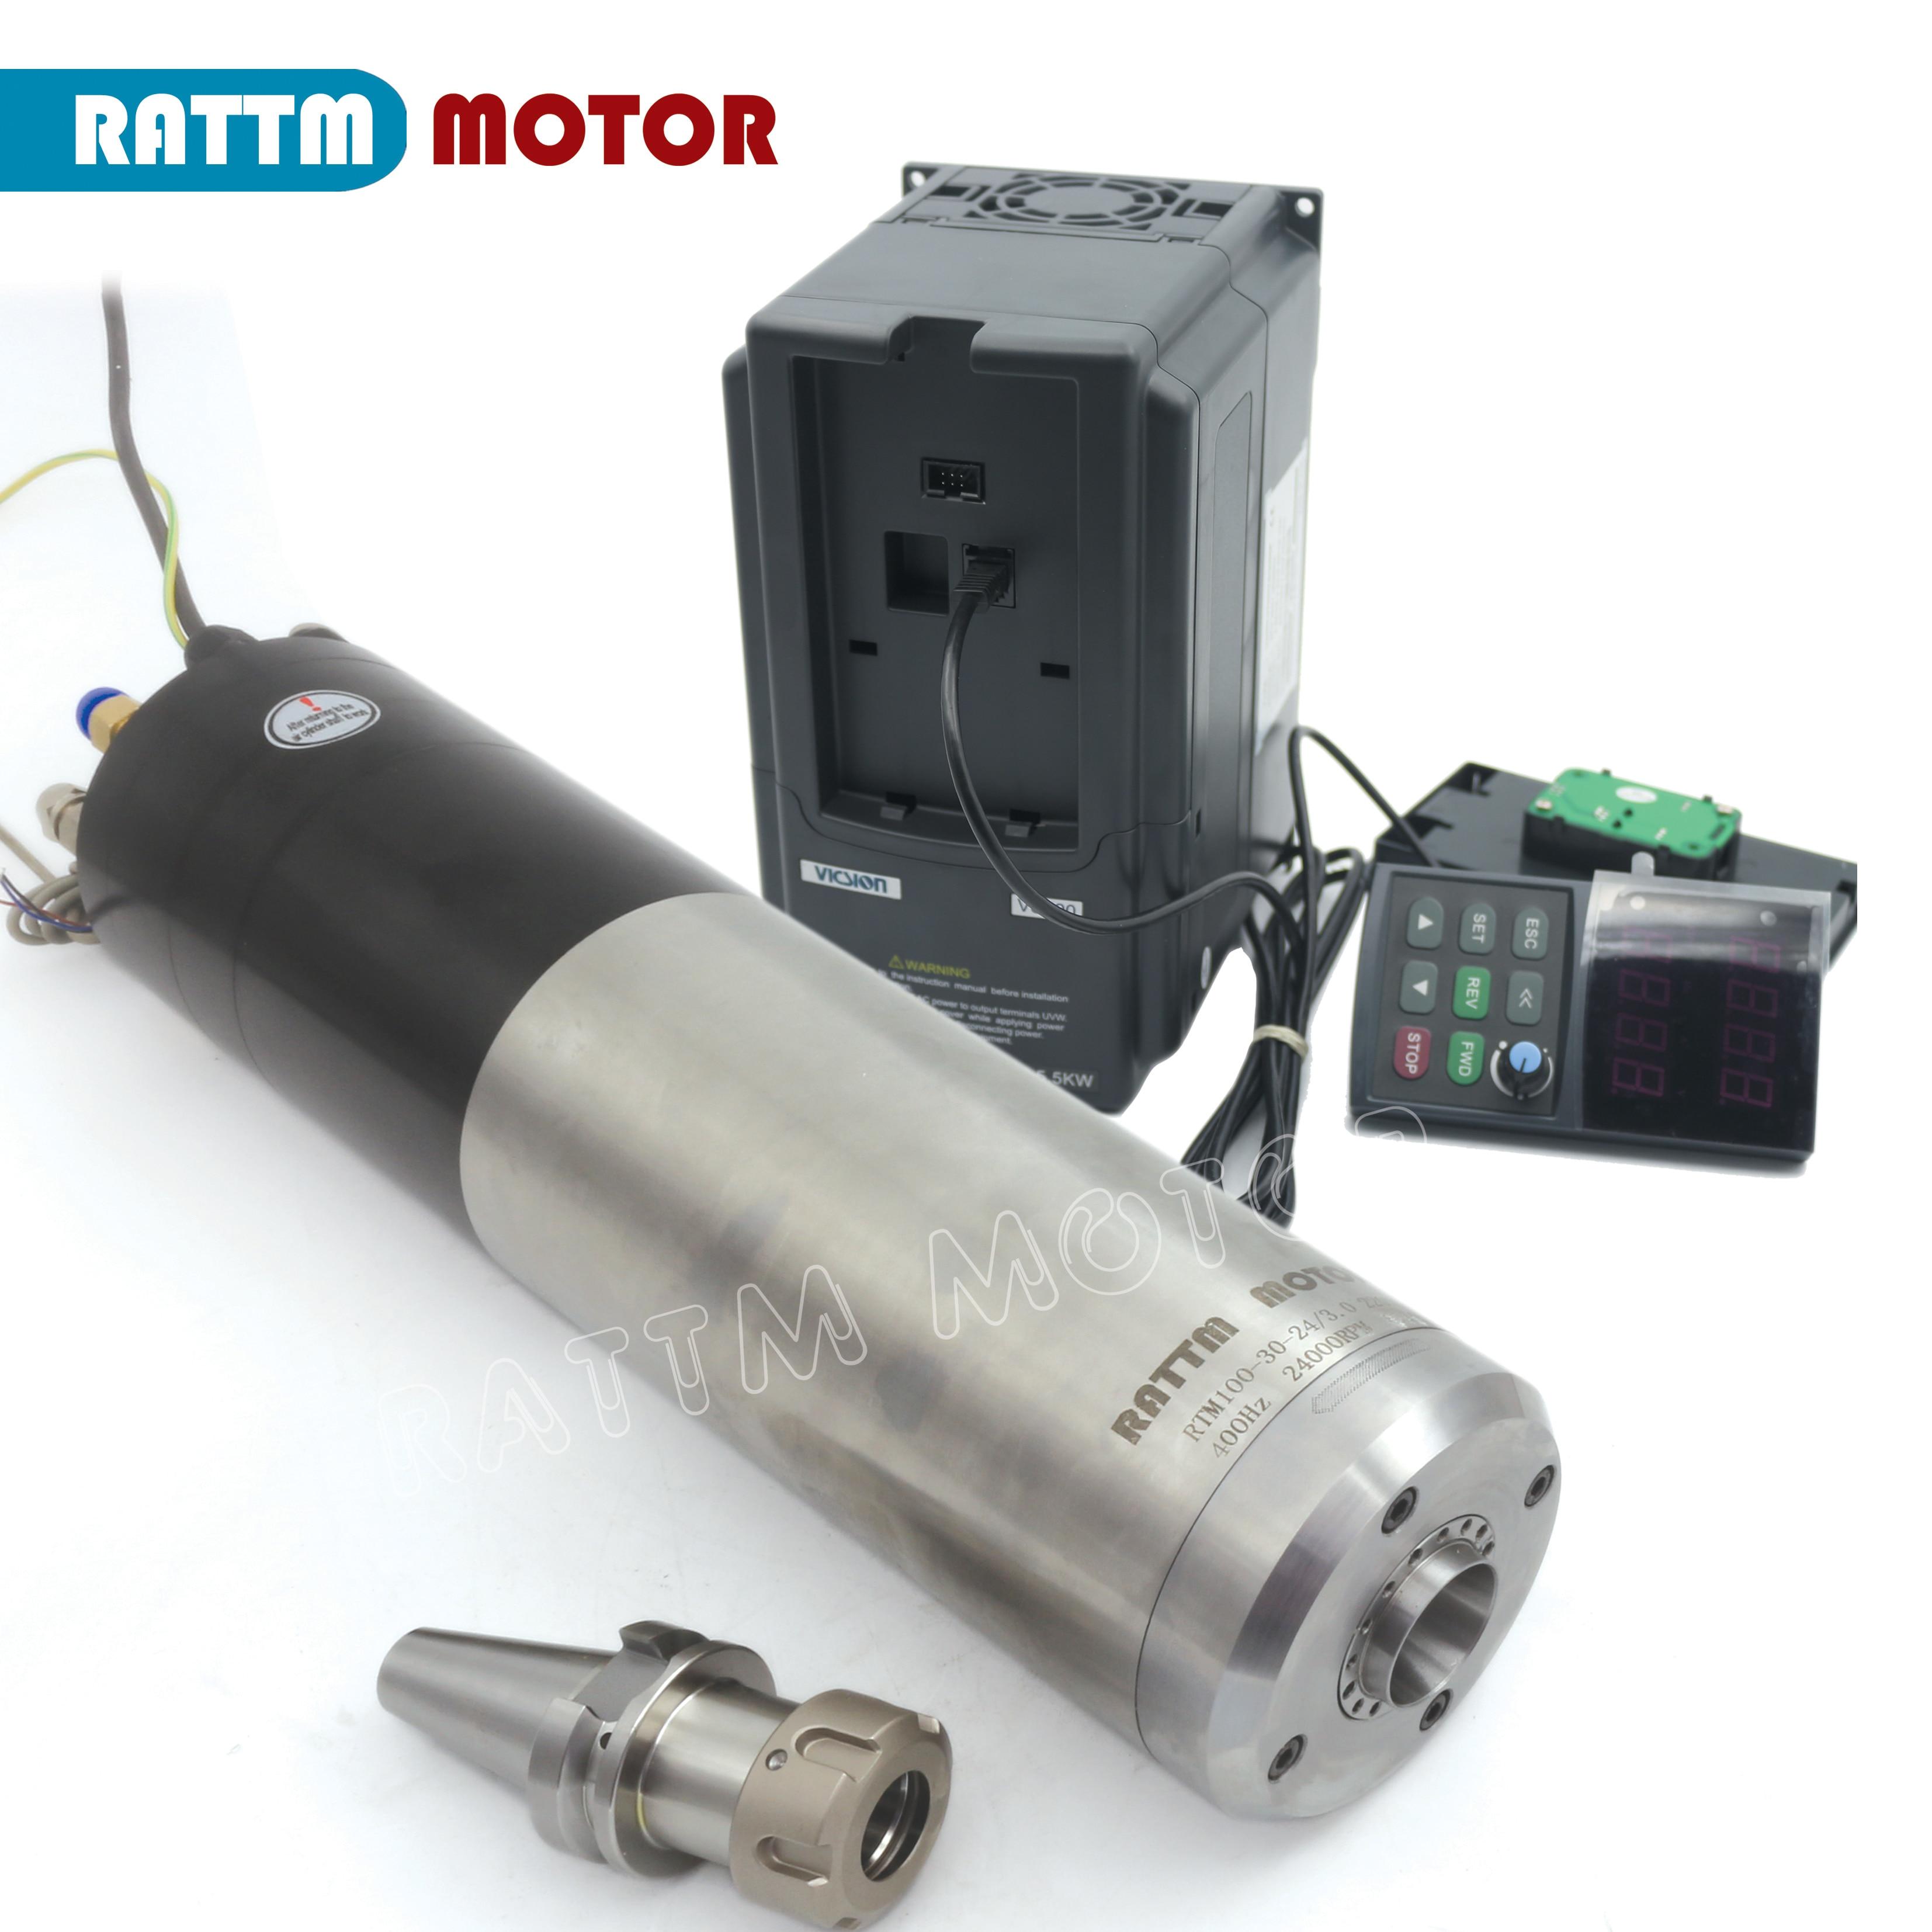 Автоматический электродвигатель привода шпинделя атс с водяным охлаждением 3 квт BT30 380 в и 3,7 квт VFD SUNFAR инвертор 380 в для фрезерного станка с ...